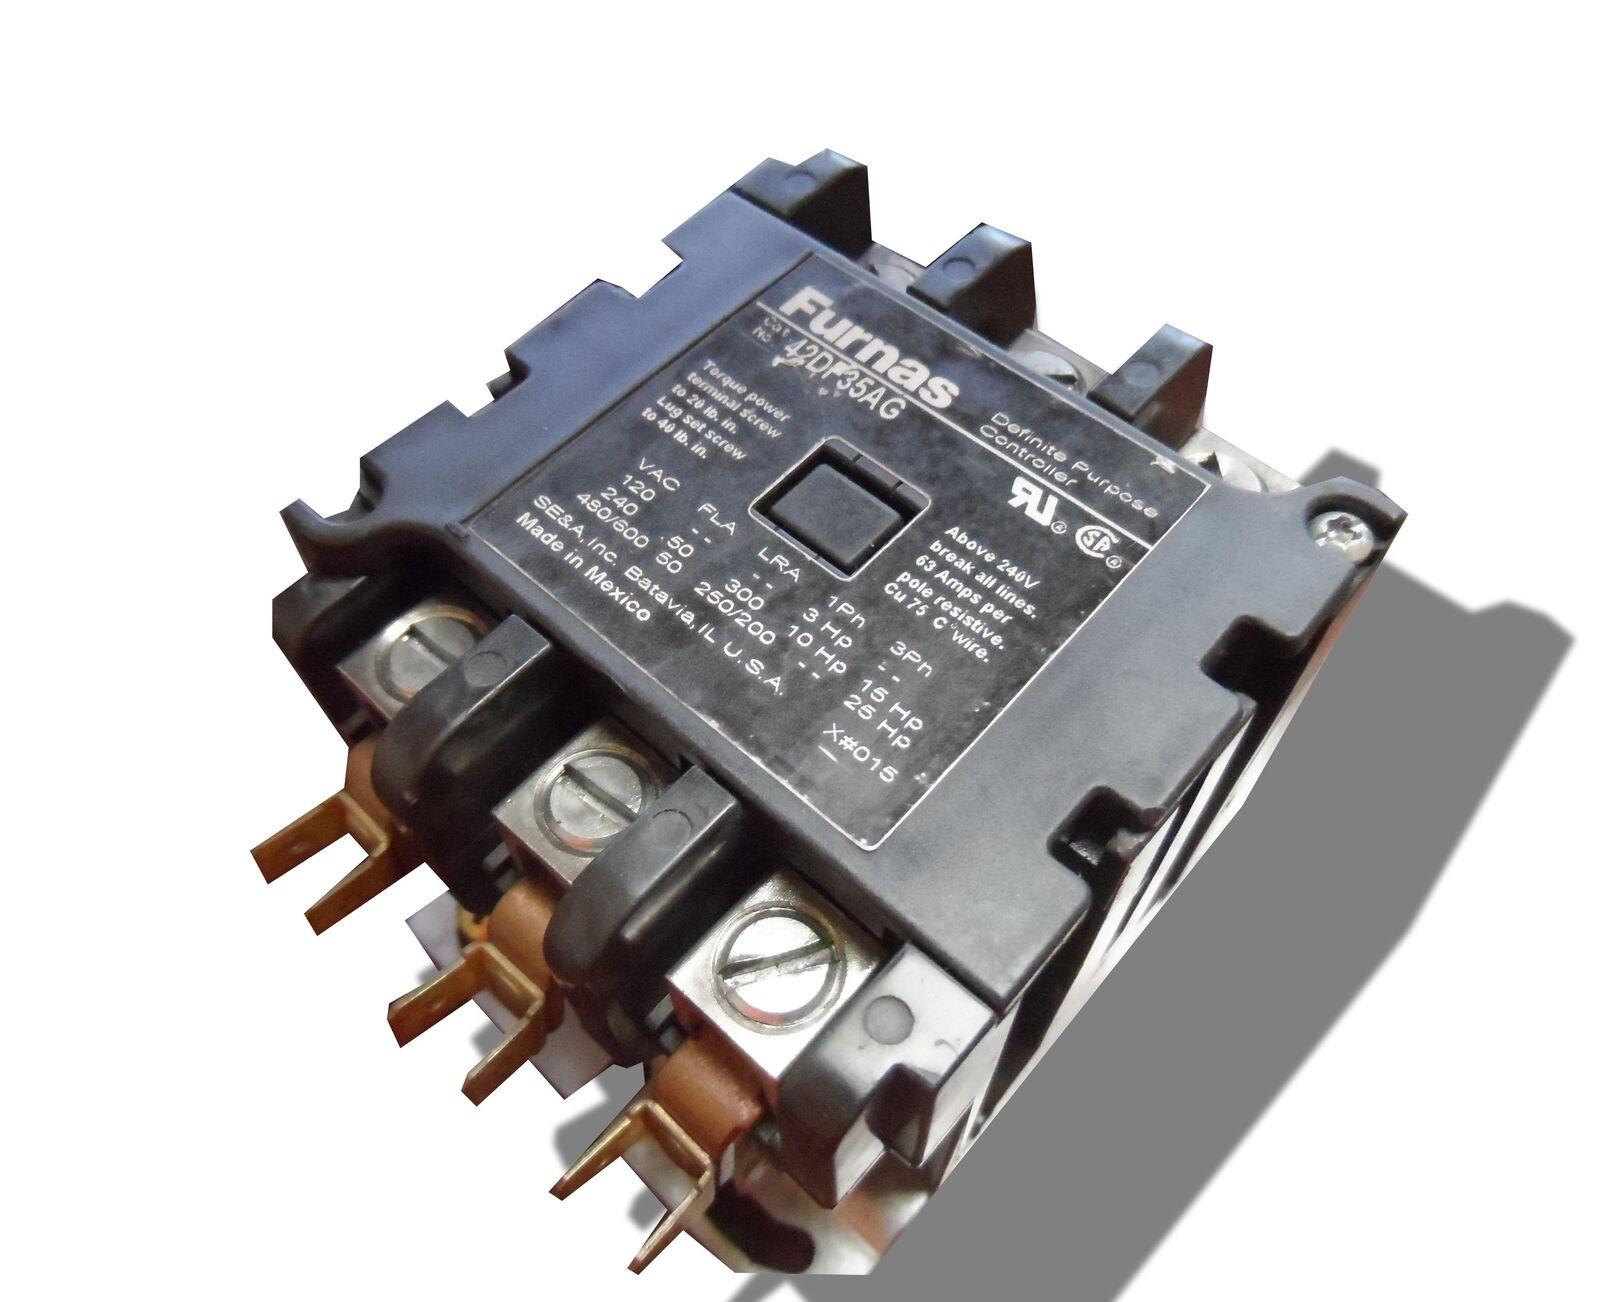 FURNAS 42BF25A U 30A 600V 4P CoilNOT INCLUDED USED